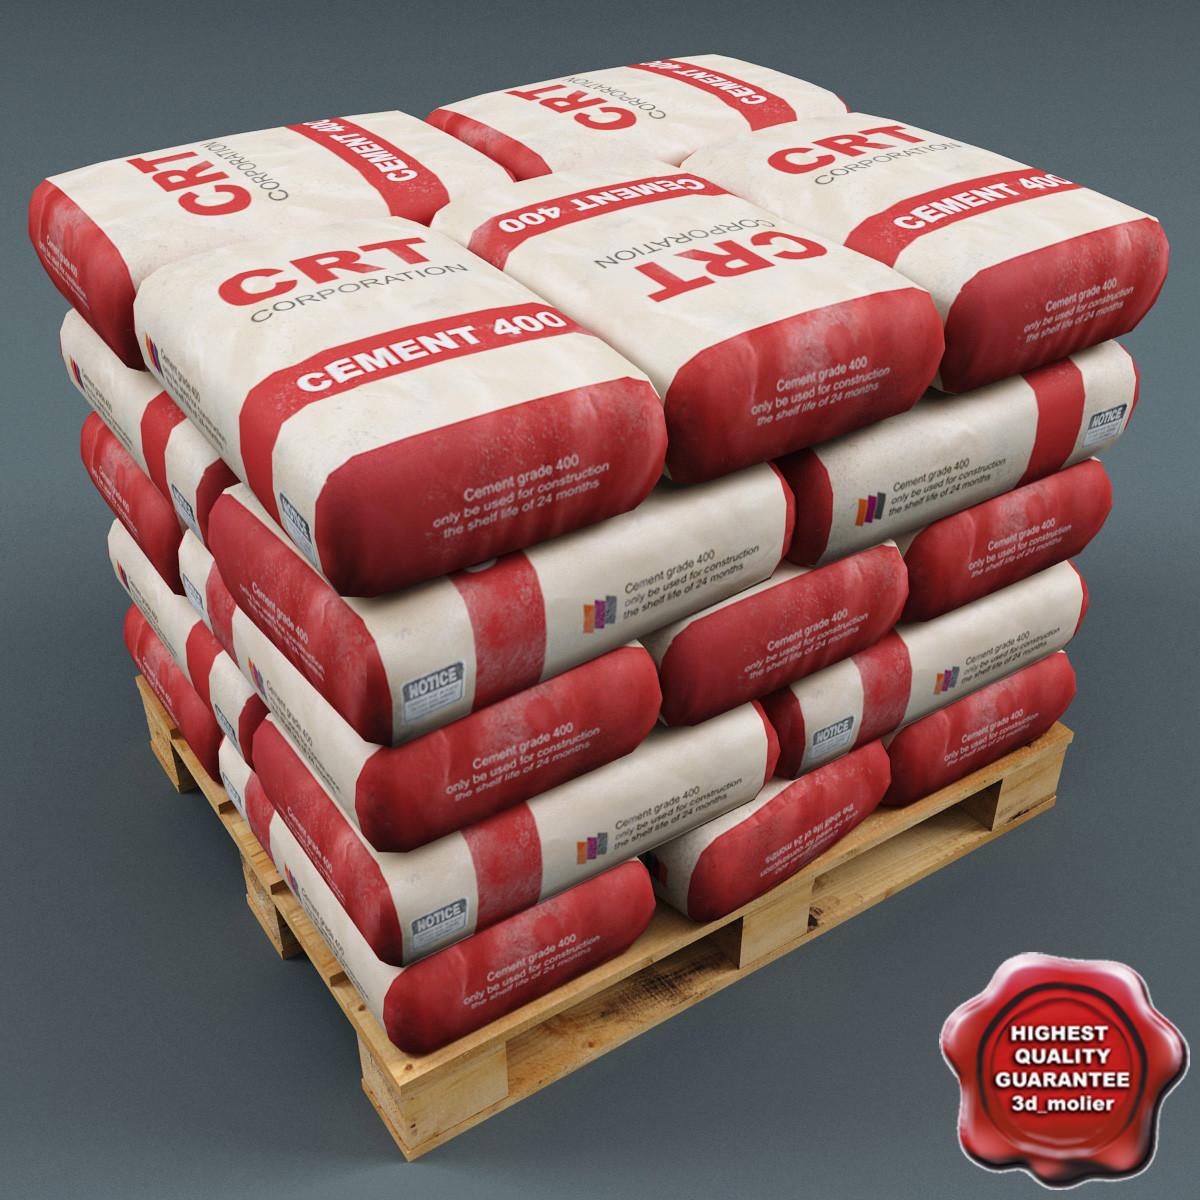 Pallet_with_Cement_Bags_00.jpg73f73e50-563e-4b8e-8d0f-367cc53e2b46Original